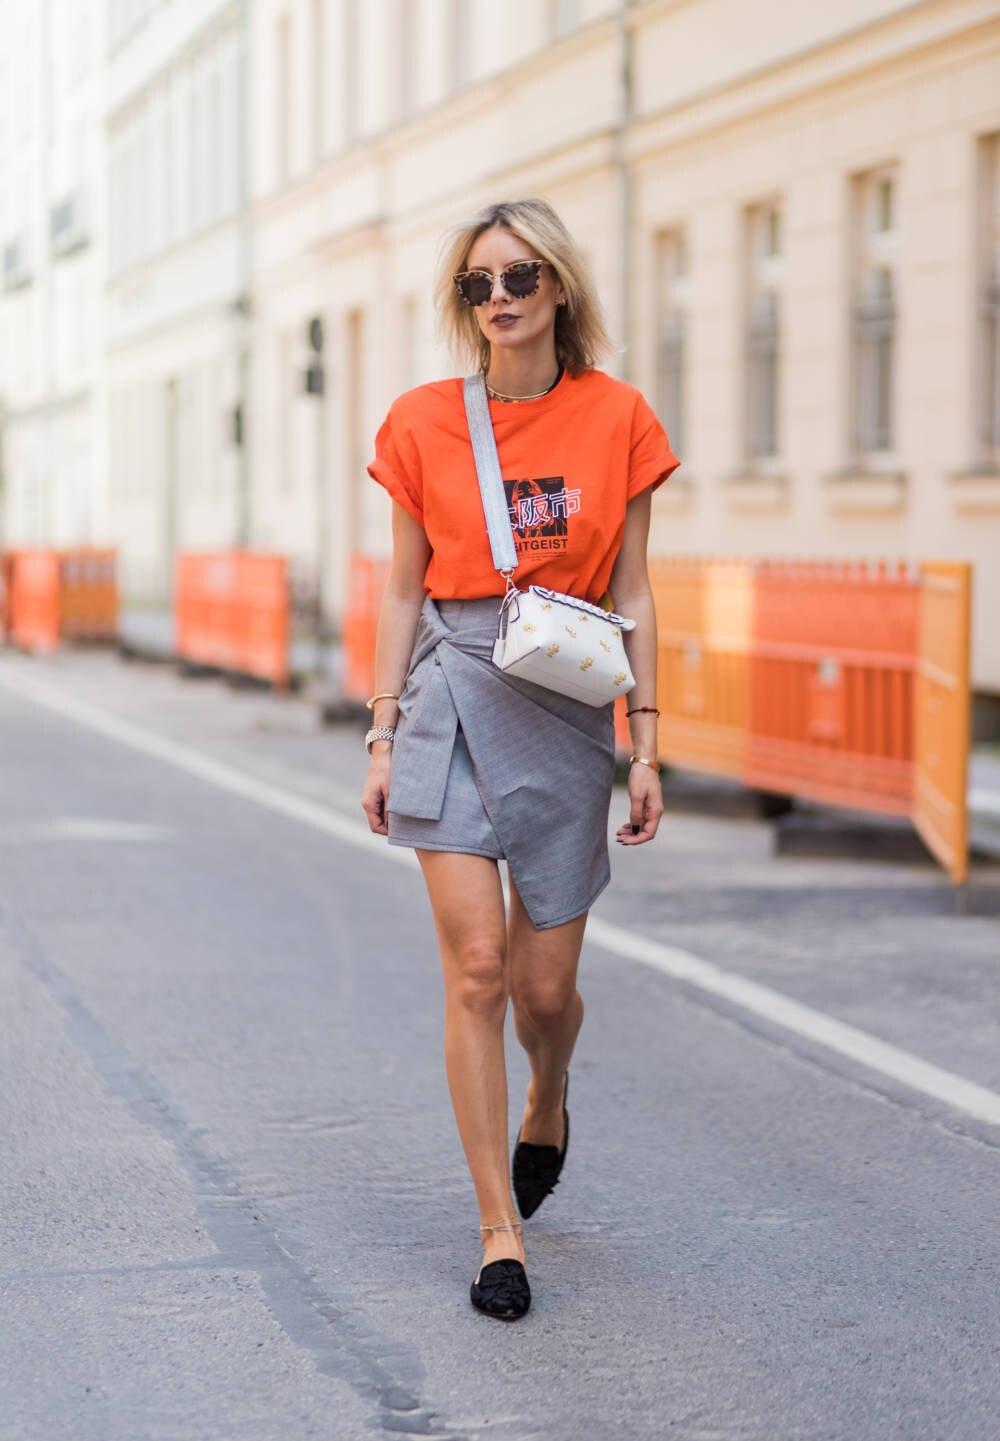 Bloggerin Lisa Hahnbueck